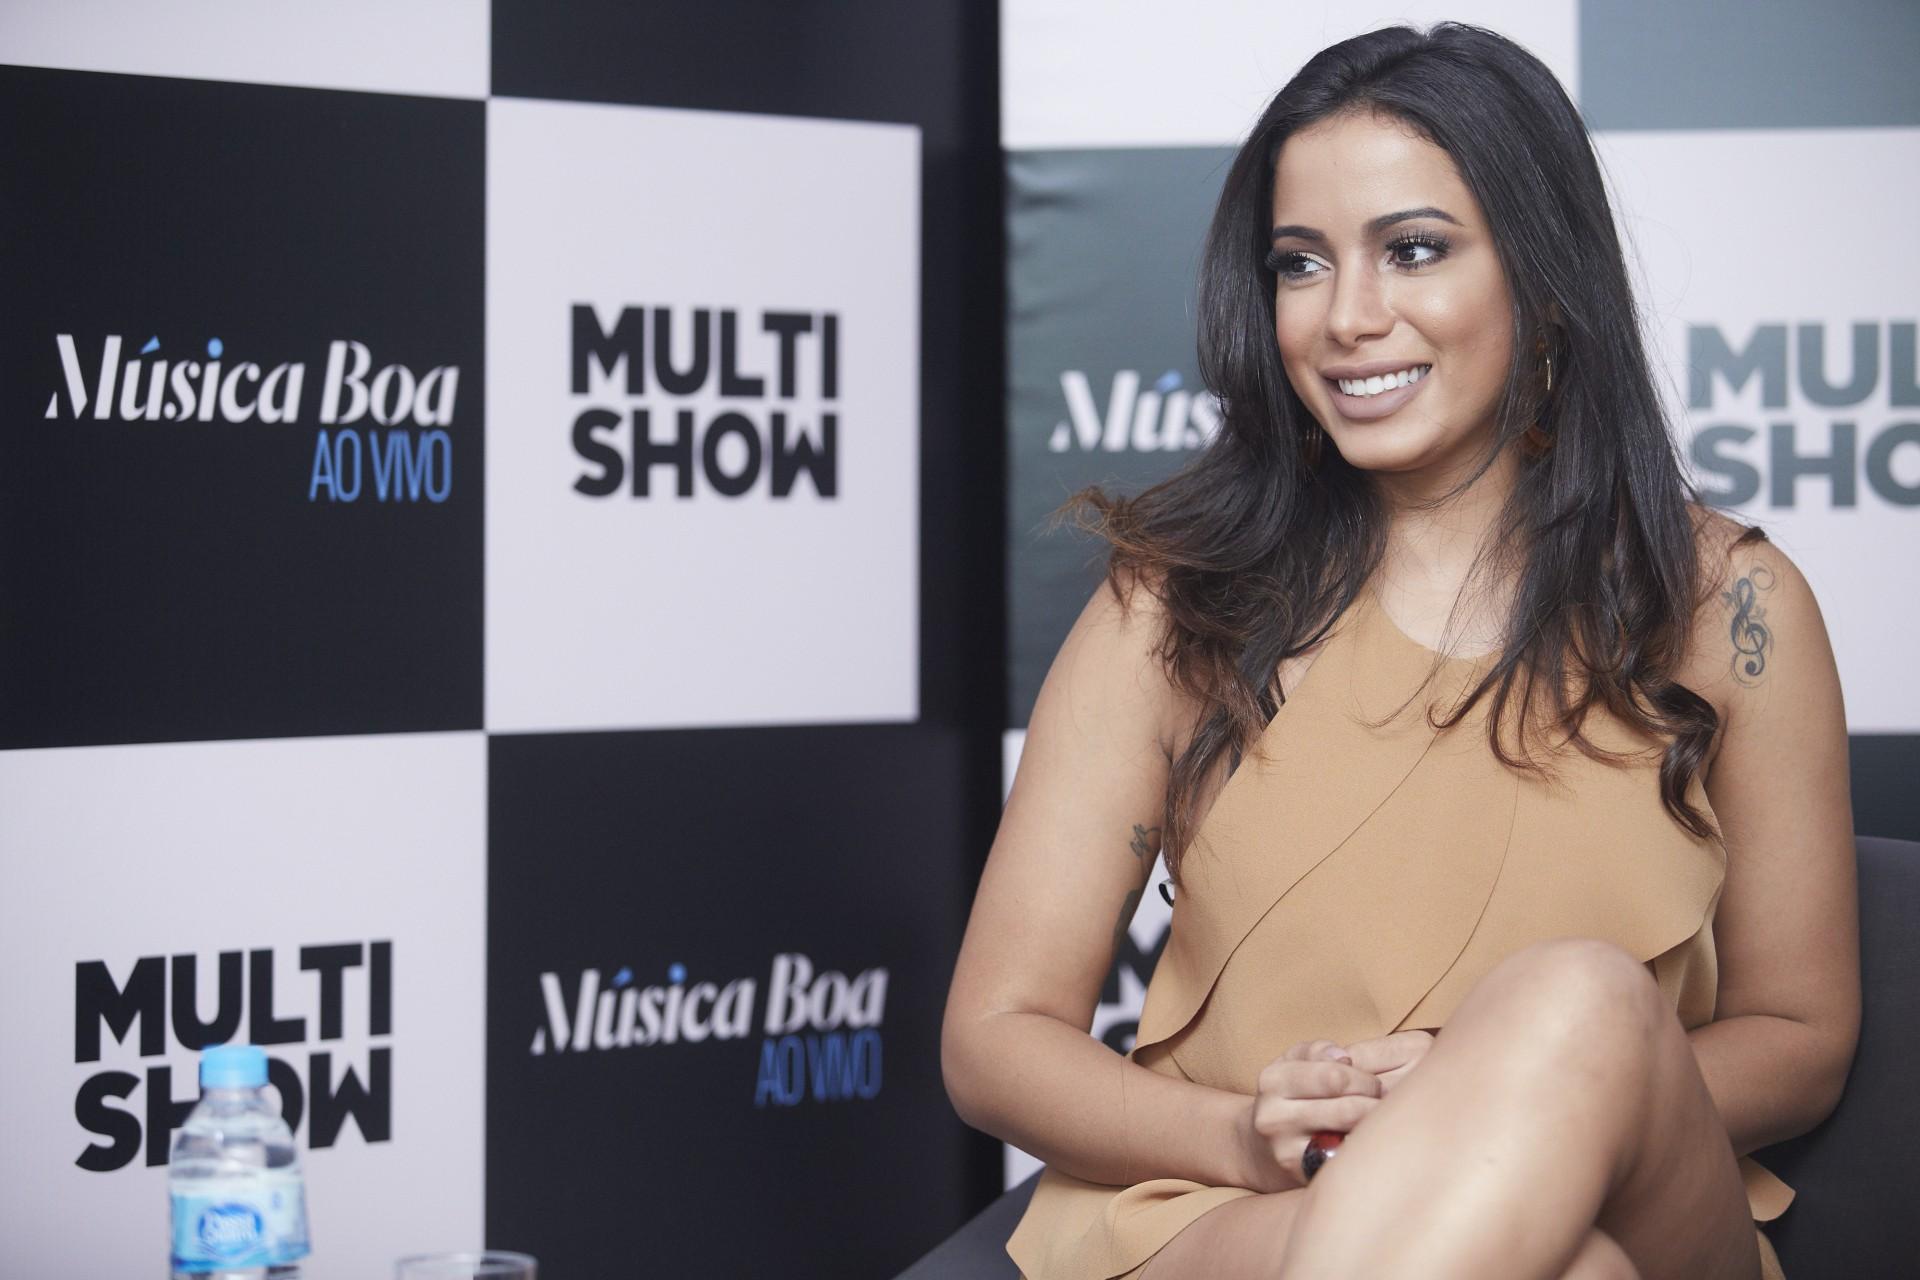 Foto: Juliana Coutinho/Multishow